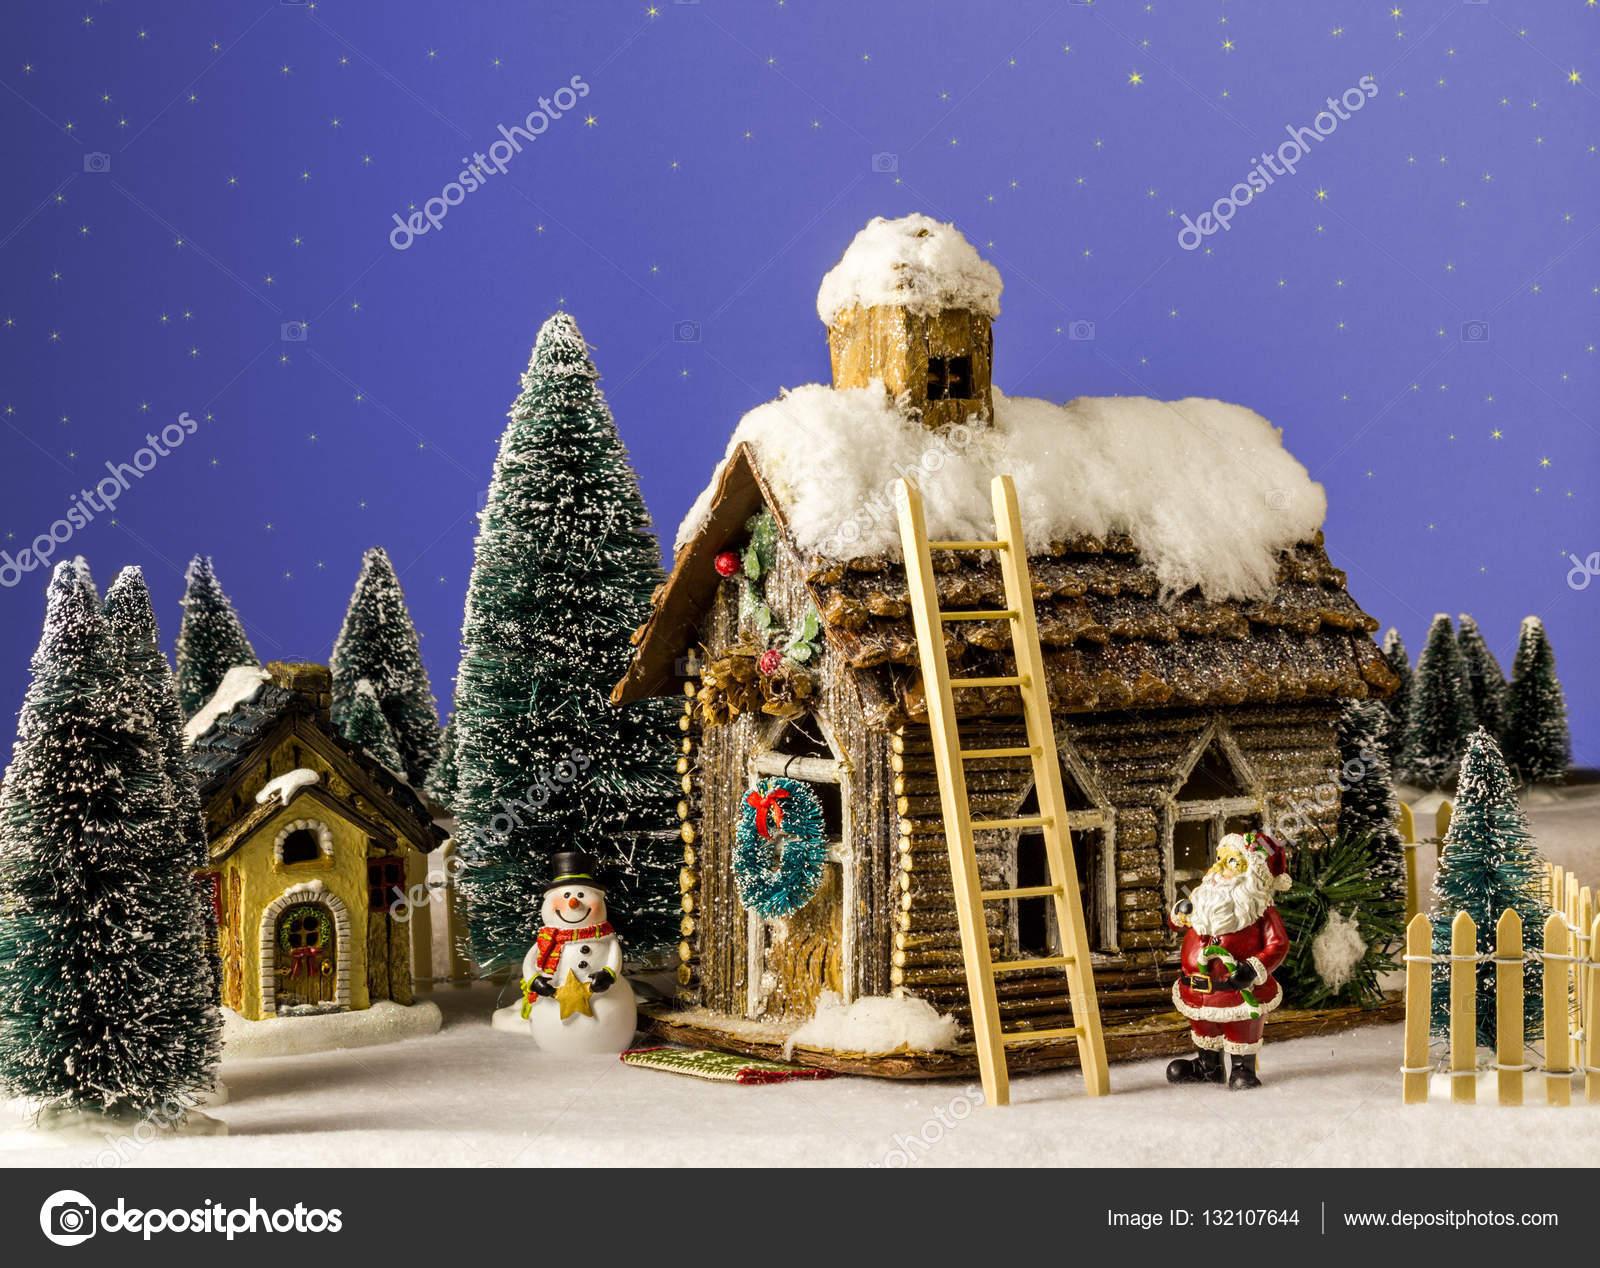 Capodanno A Casa Di Babbo Natale.Capodanno Natale Casa Decorata Con Figura Di Neve Babbo Natale